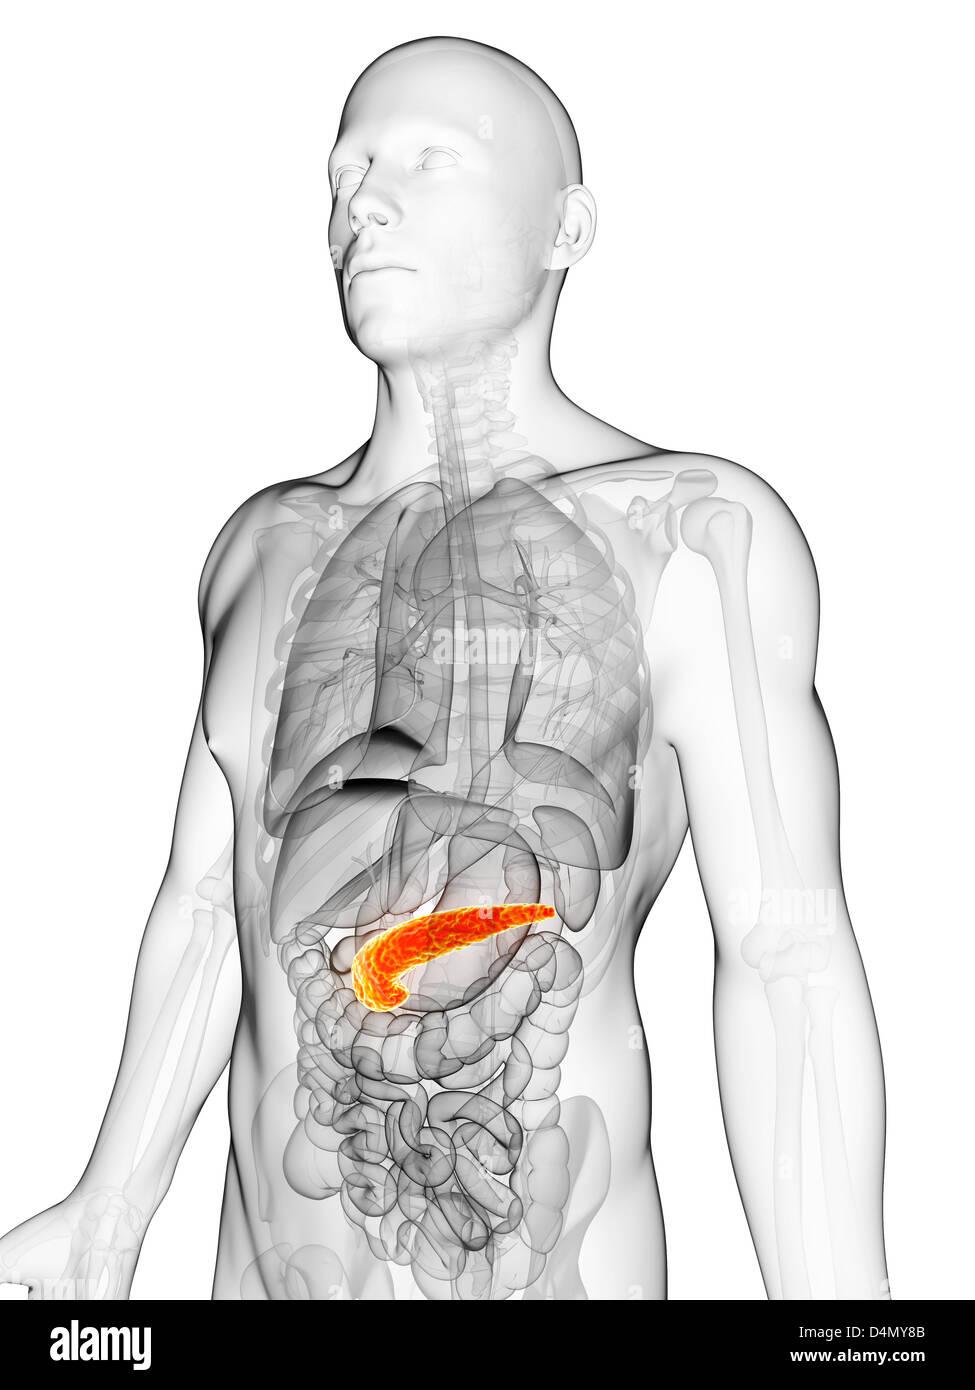 Groß Pankreas Stelle In Körper Zeitgenössisch - Menschliche Anatomie ...